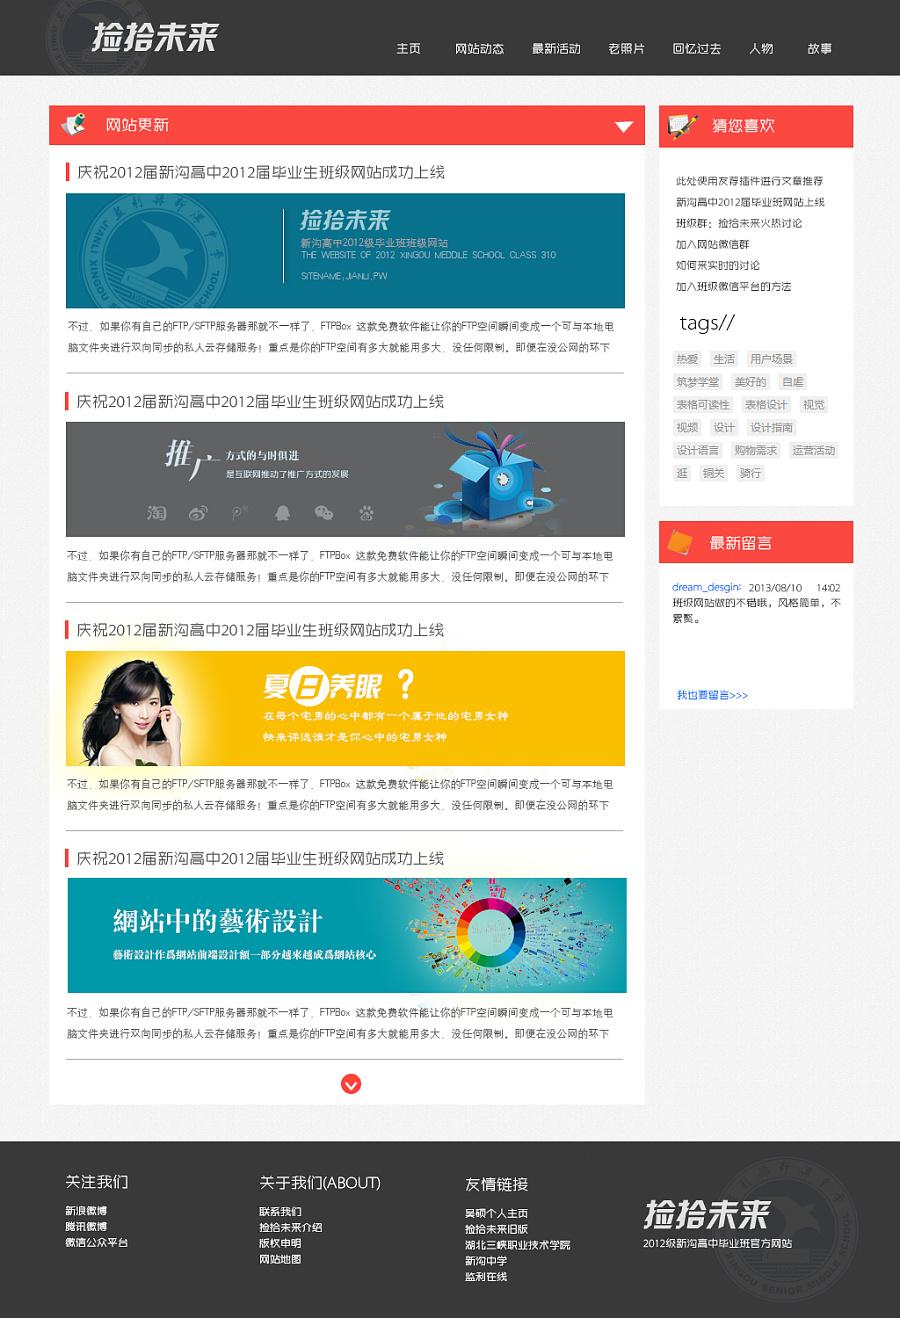 国际新闻网站排名_世界十大流行博客网站